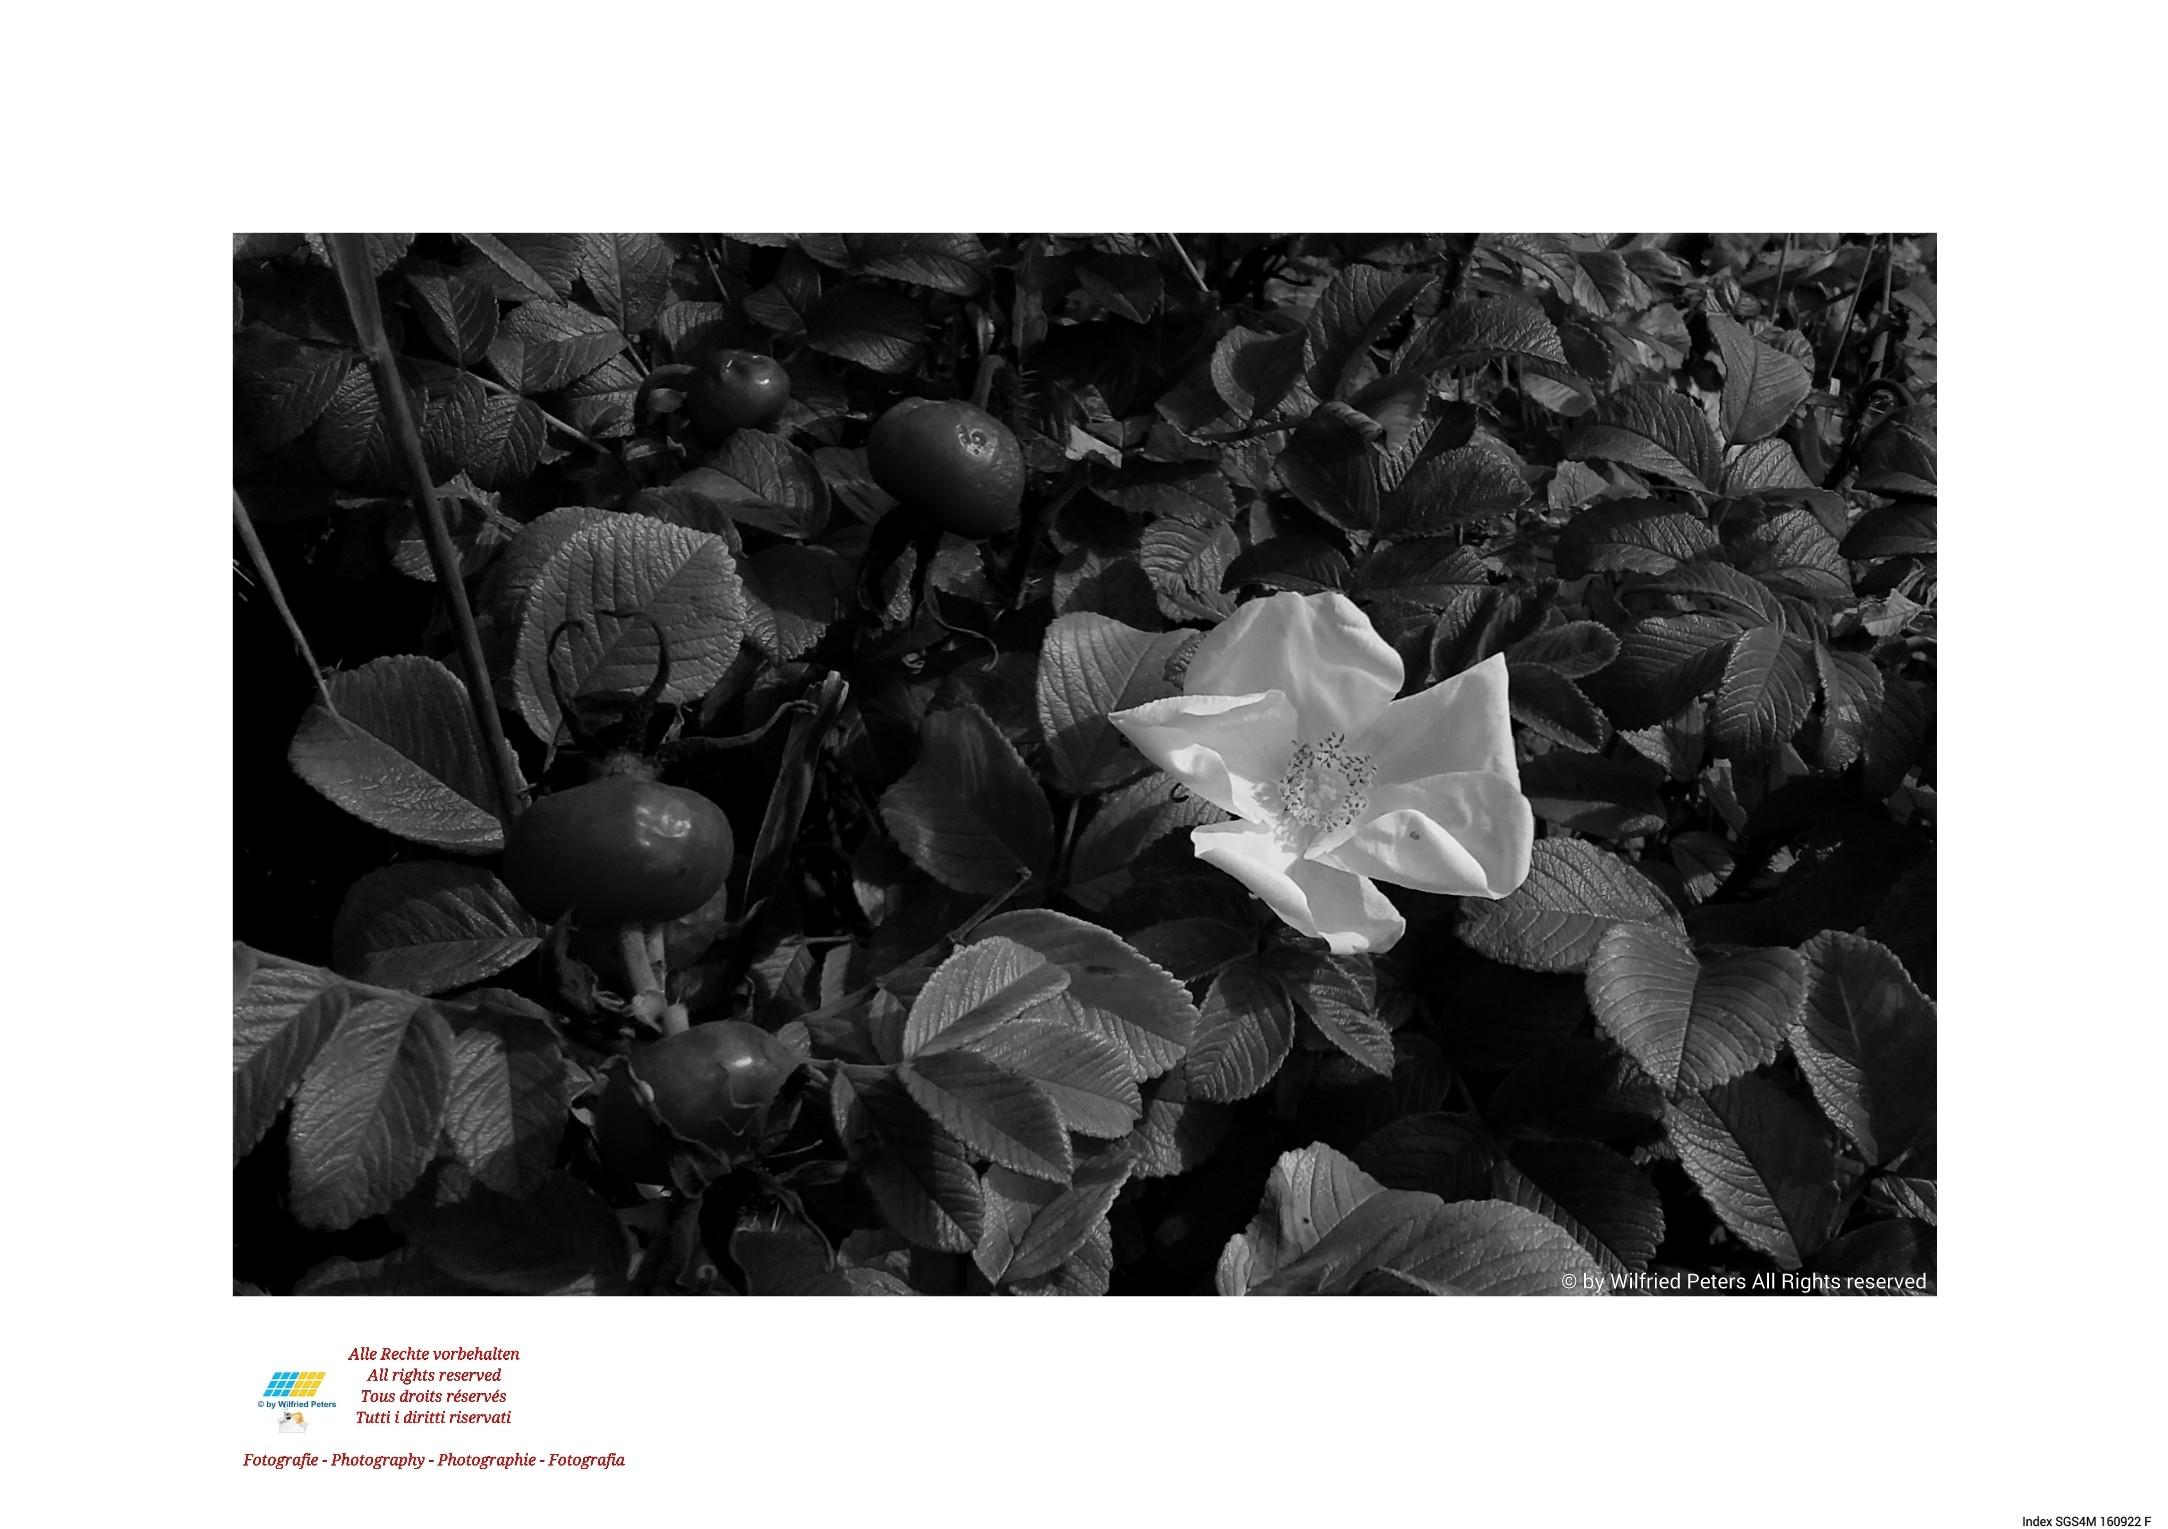 #Fotografie #Photography #Photographie #Fotografia #Blüte #Blossom #Fleur #Fiore